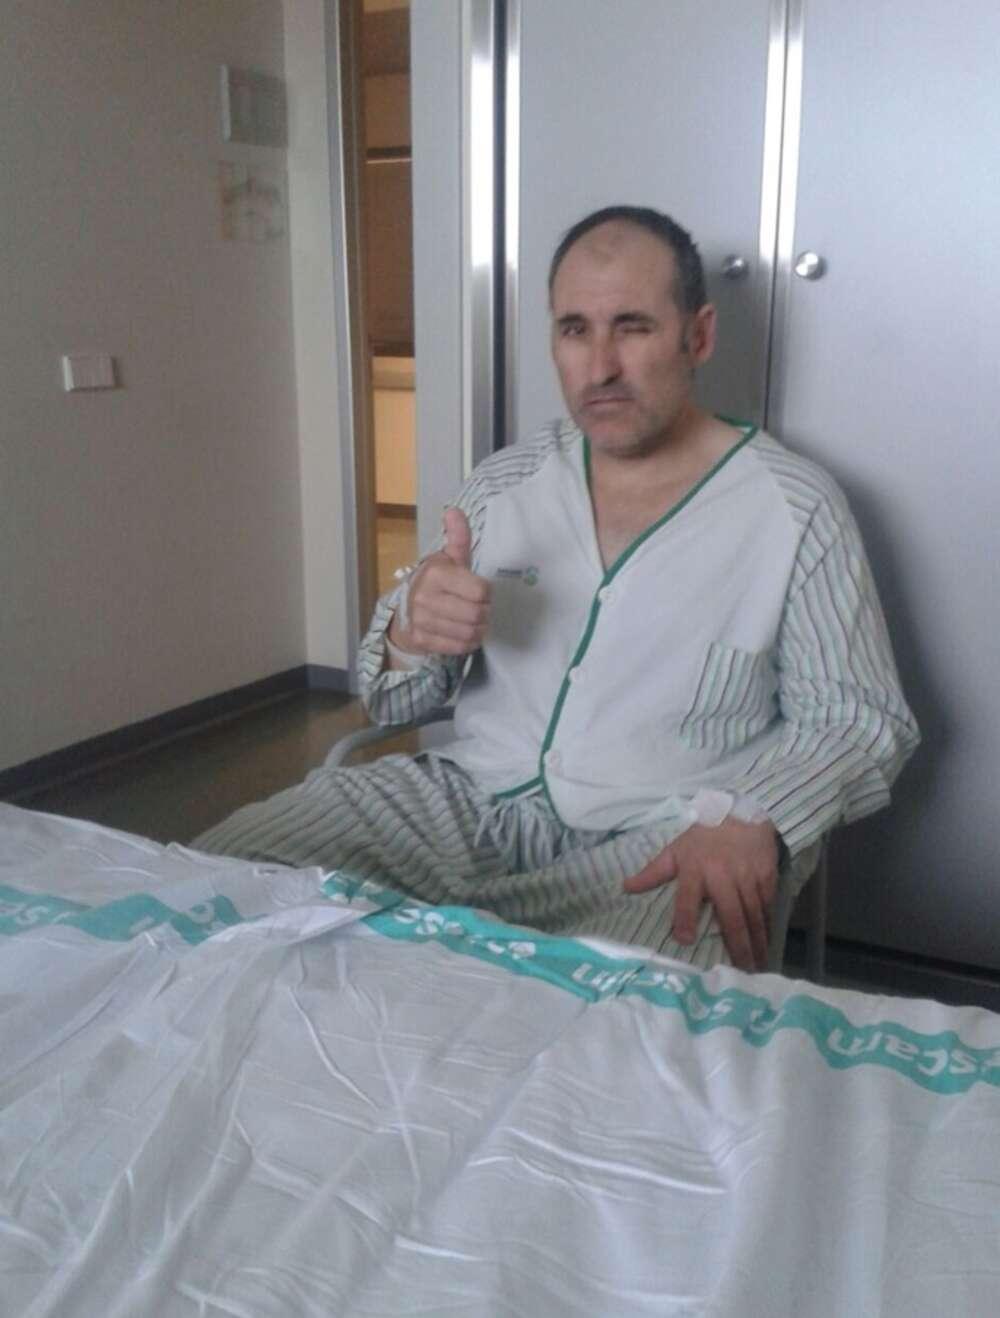 Casi 5000 firmas en solo 3 días solicitando al INSS el reconocimiento de la incapacidad permanente de su padre enfermo